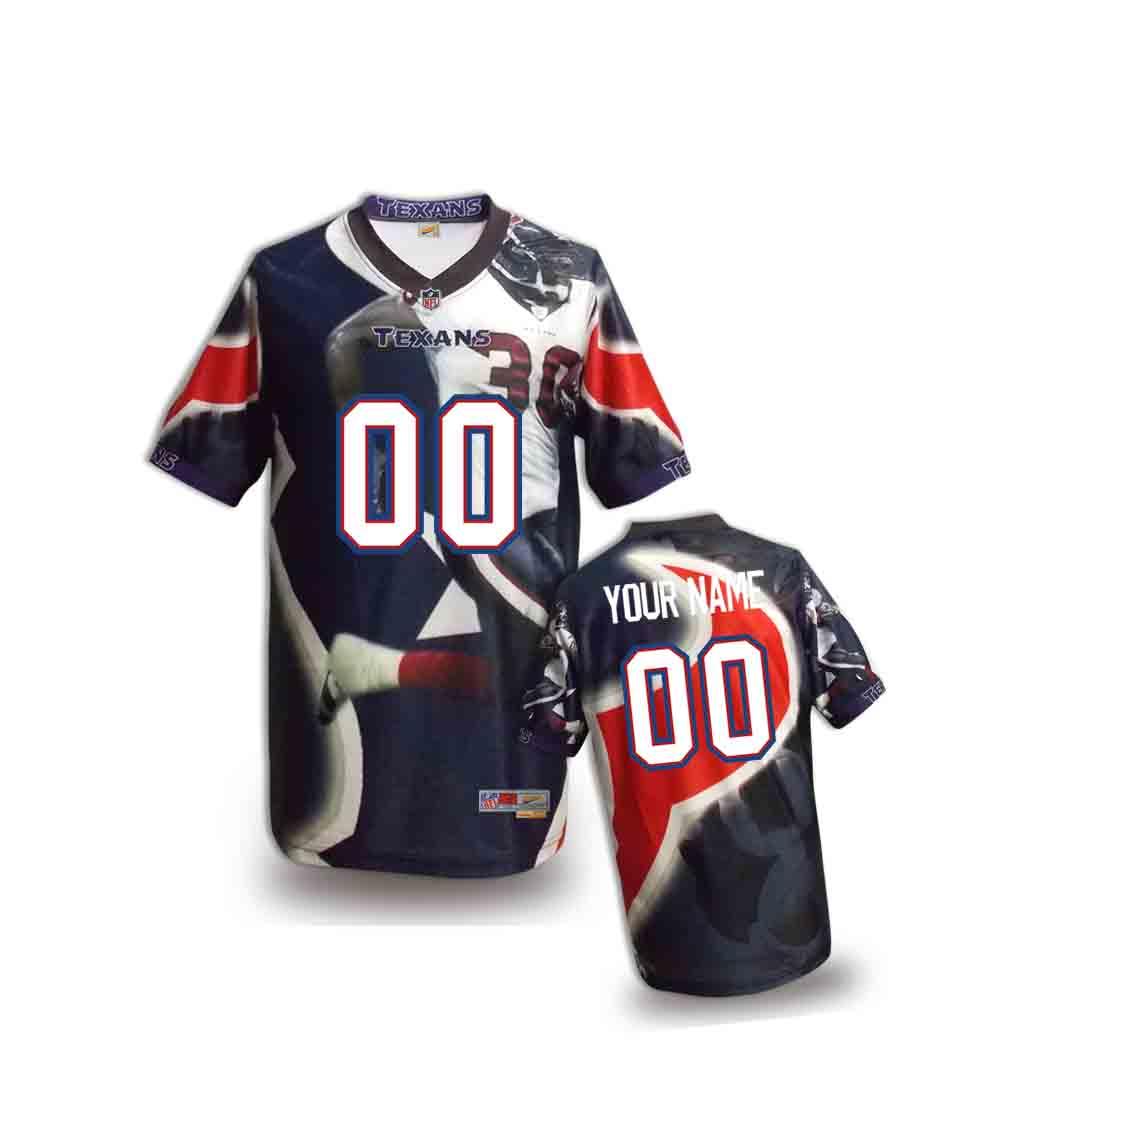 Nike Texans Customized Fashion Stitched Youth Jerseys03